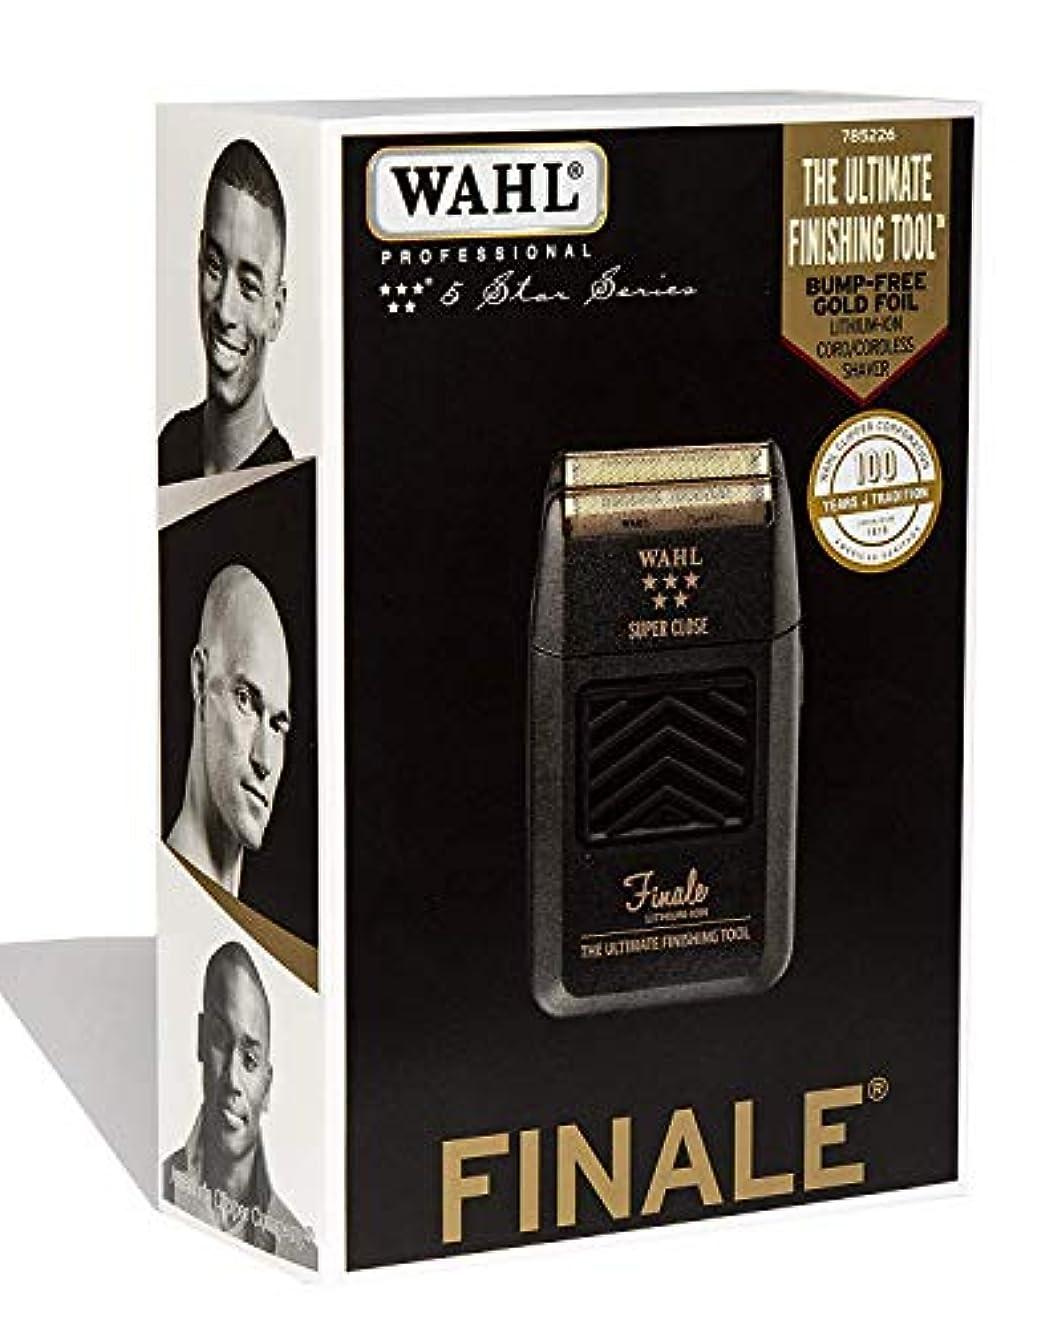 不安ピービッシュ考古学者Wahl Professional 5 Star Series Finale Finishing Tool #8164 - Great for Professional Stylists and Barbers - Super...